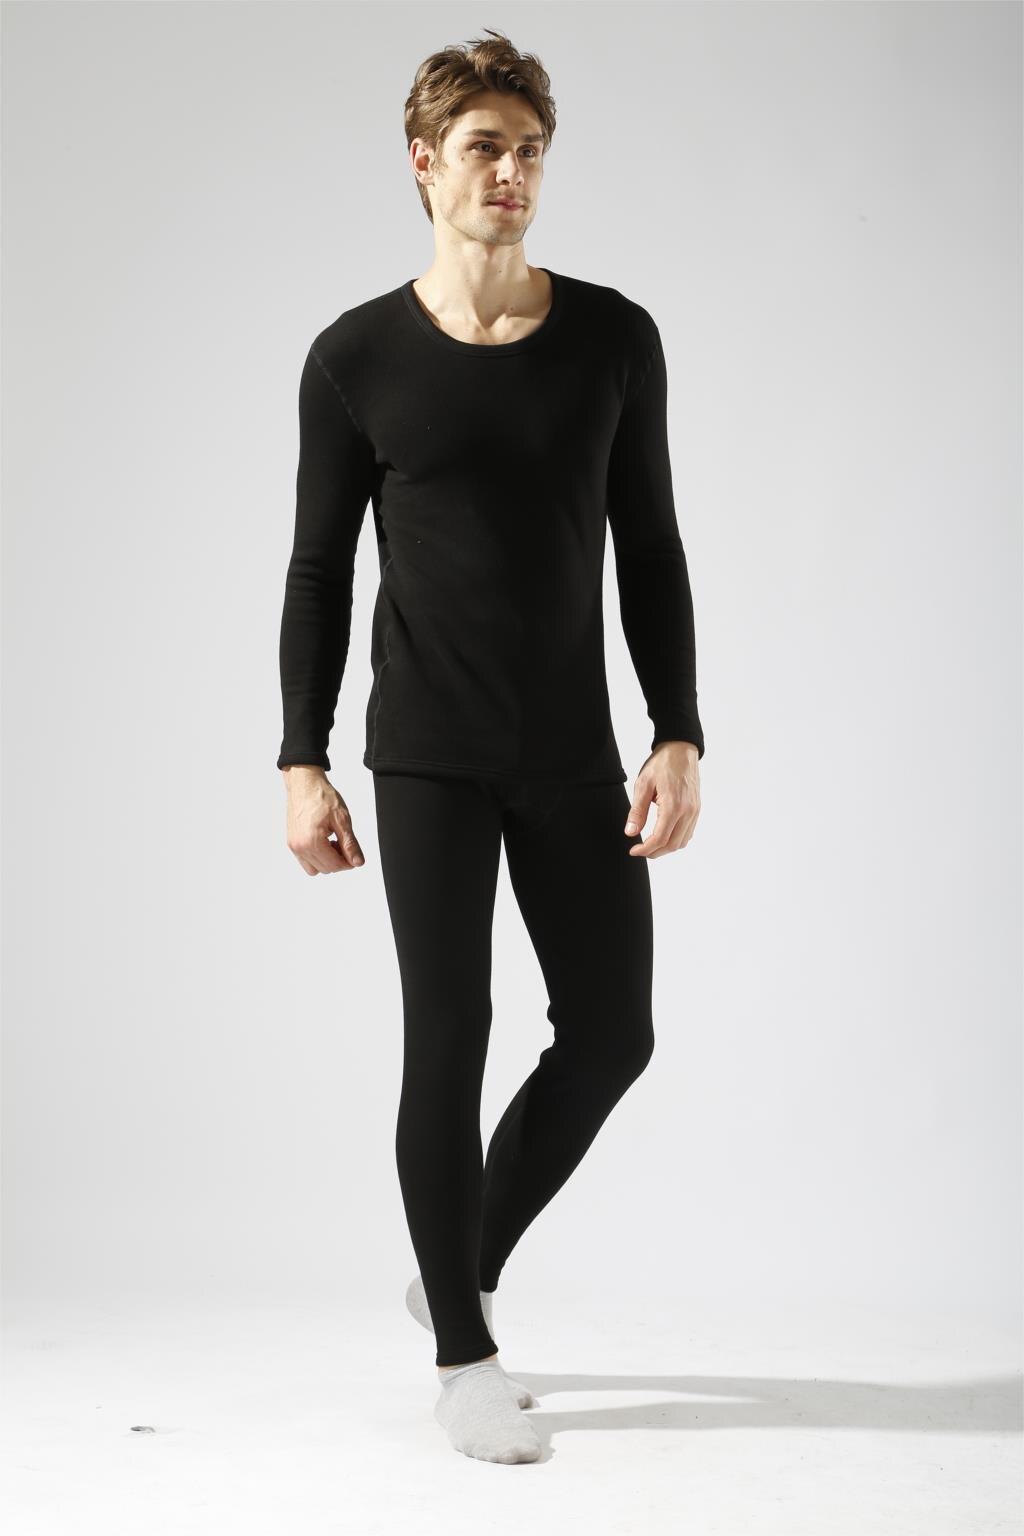 Dollar pantaloni Zerlos biancheria 22